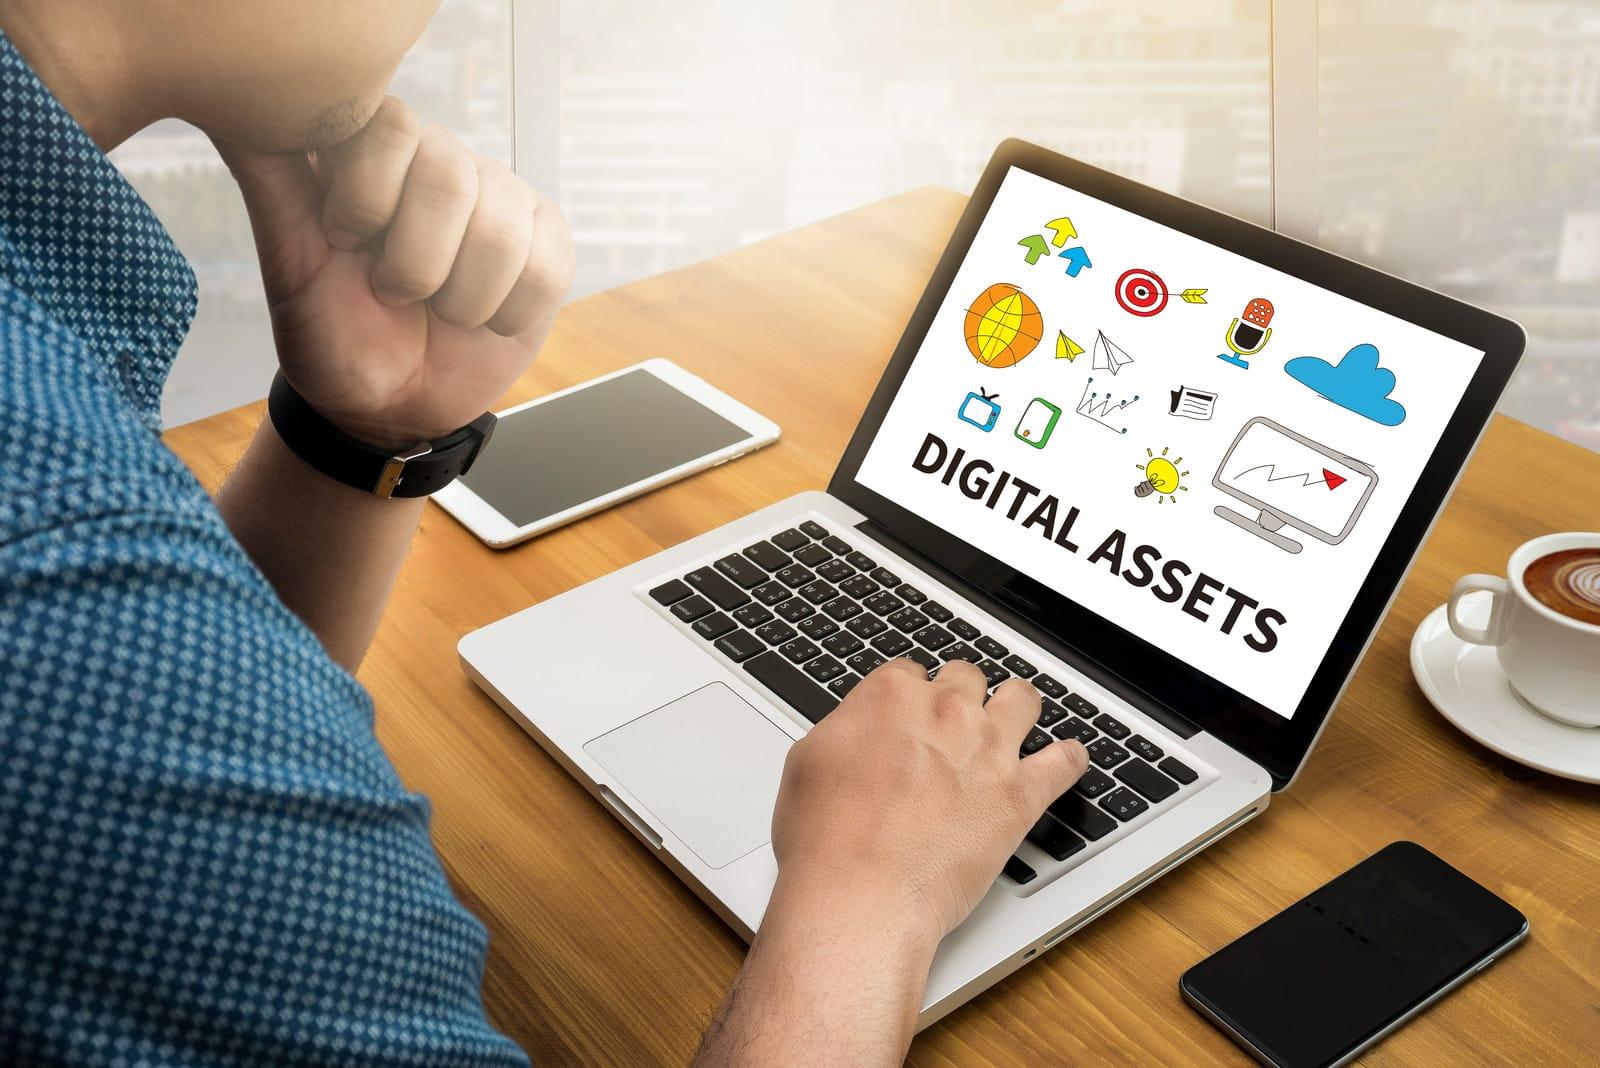 Digital Age - Digital Assets (40872284)